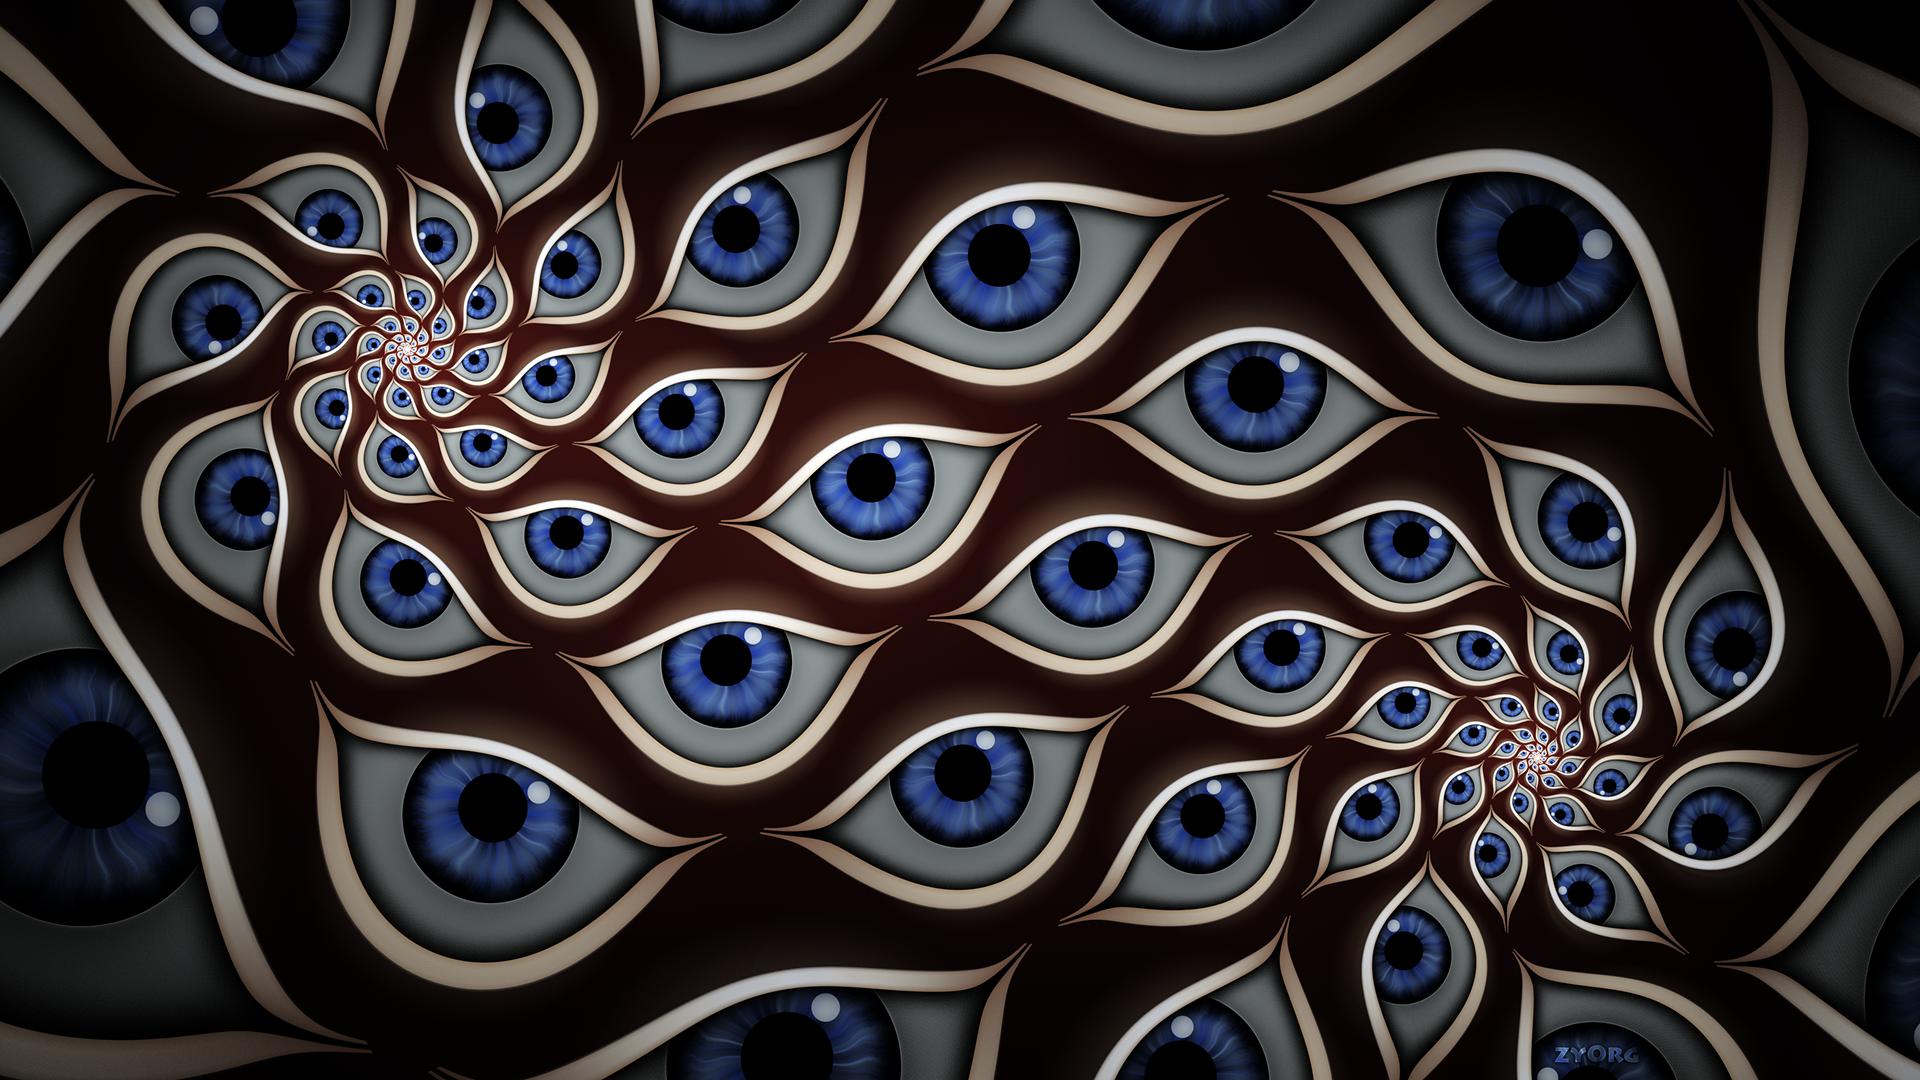 Third Eye by zy0rg